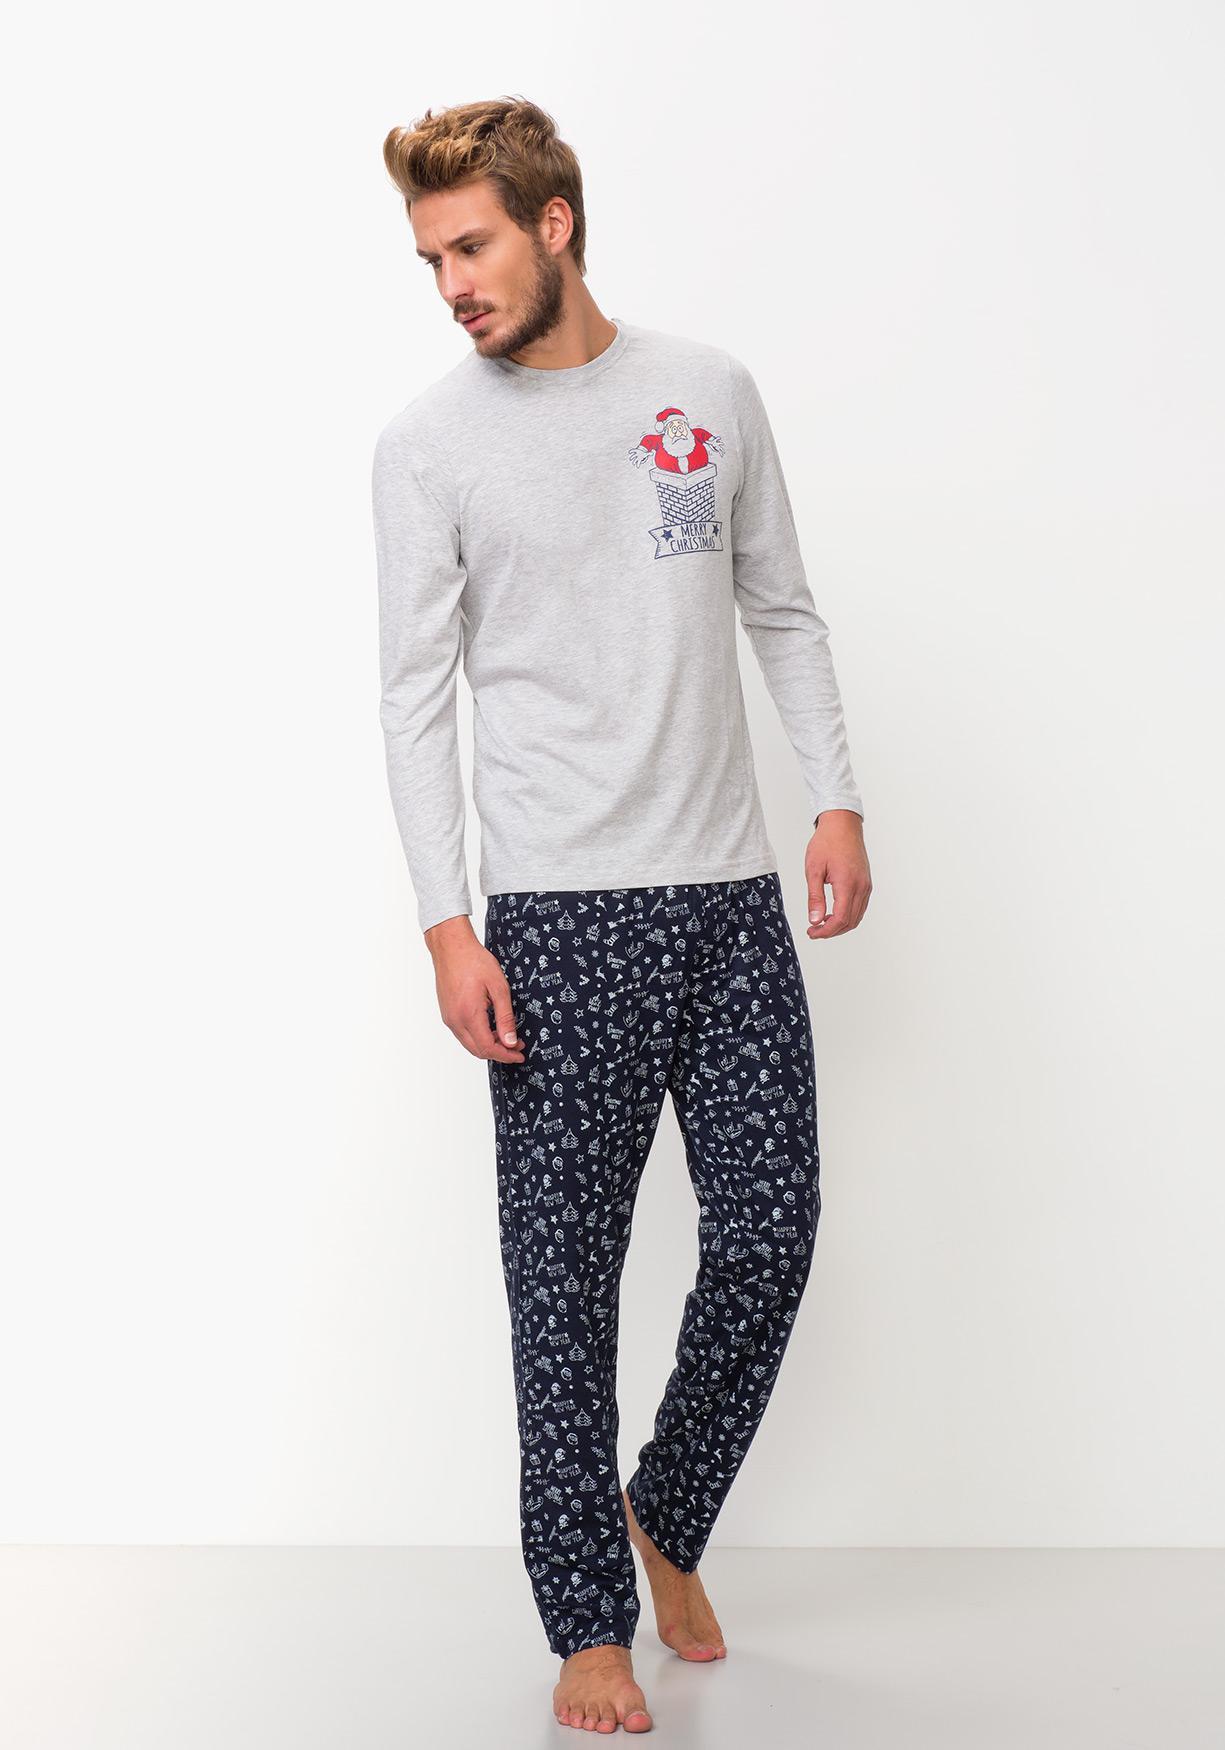 Comprar Pijama de Navidad TEX. ¡Aprovéchate de nuestros precios y ... 8ee728e88076